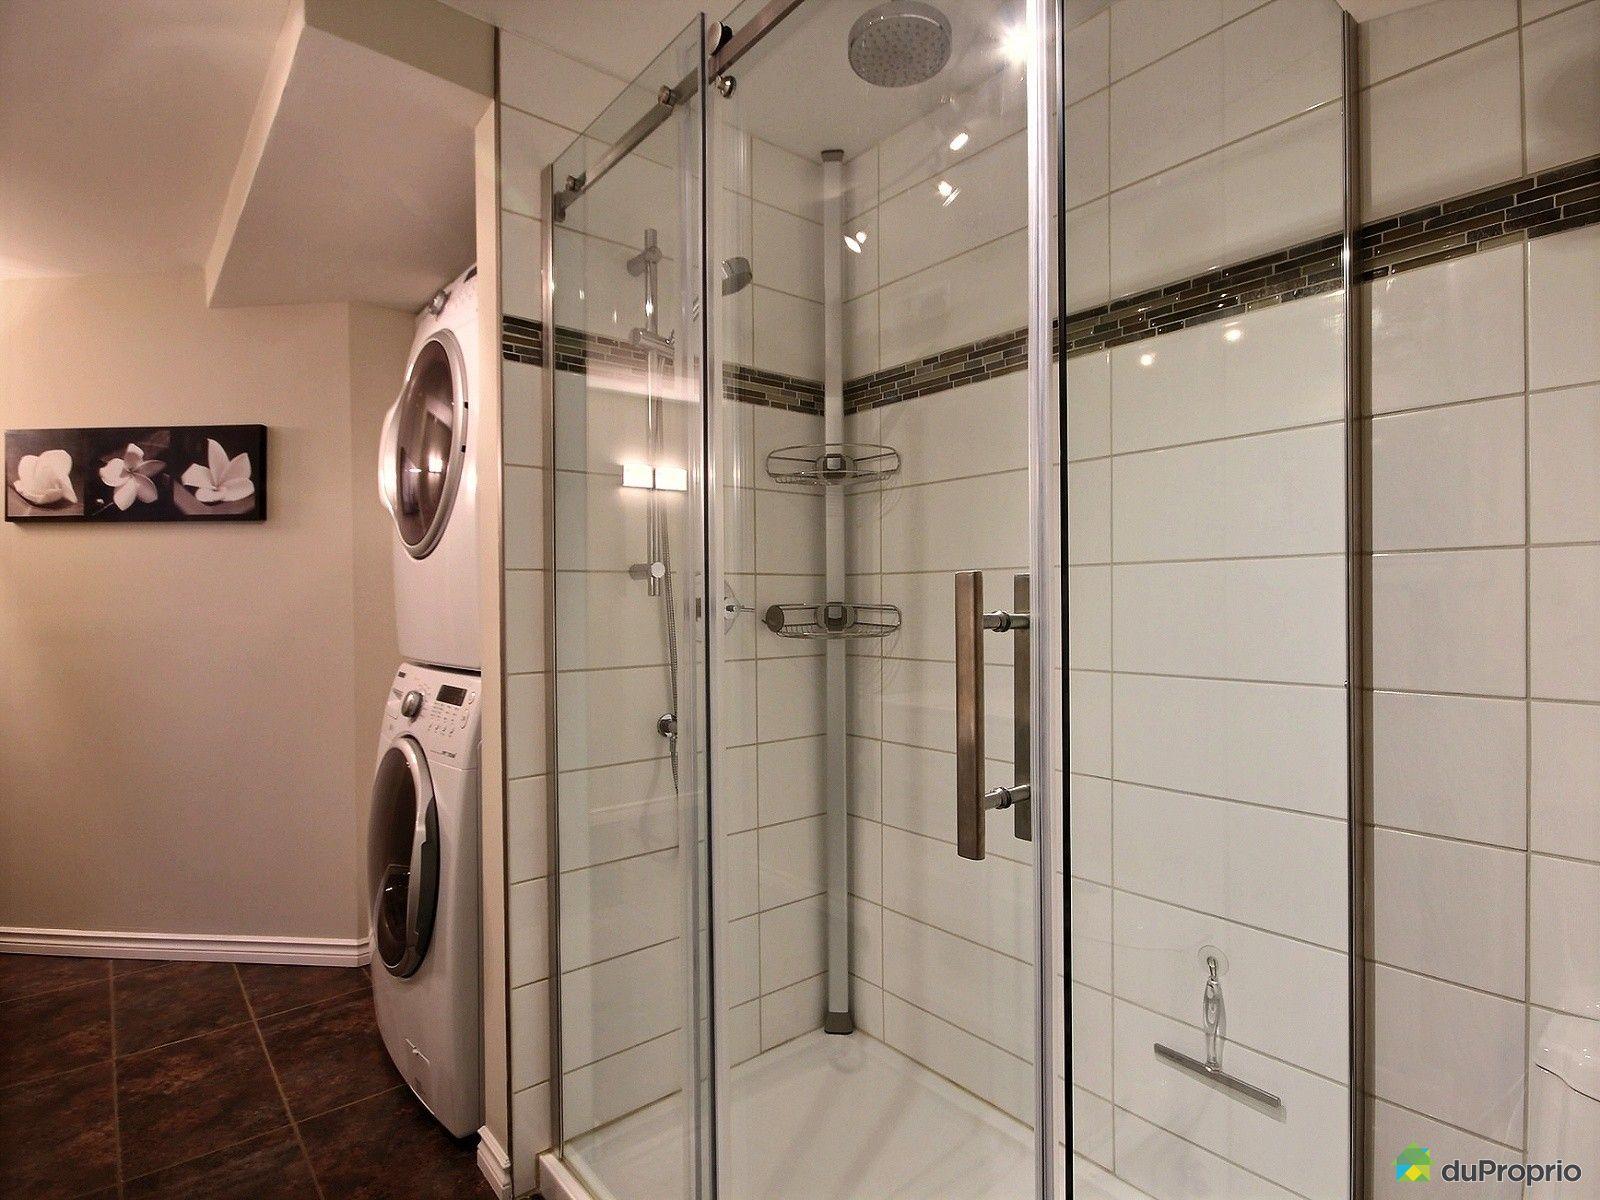 Maison vendu lorraine immobilier qu bec duproprio 685174 for Salle de bain sous sol sans fenetre